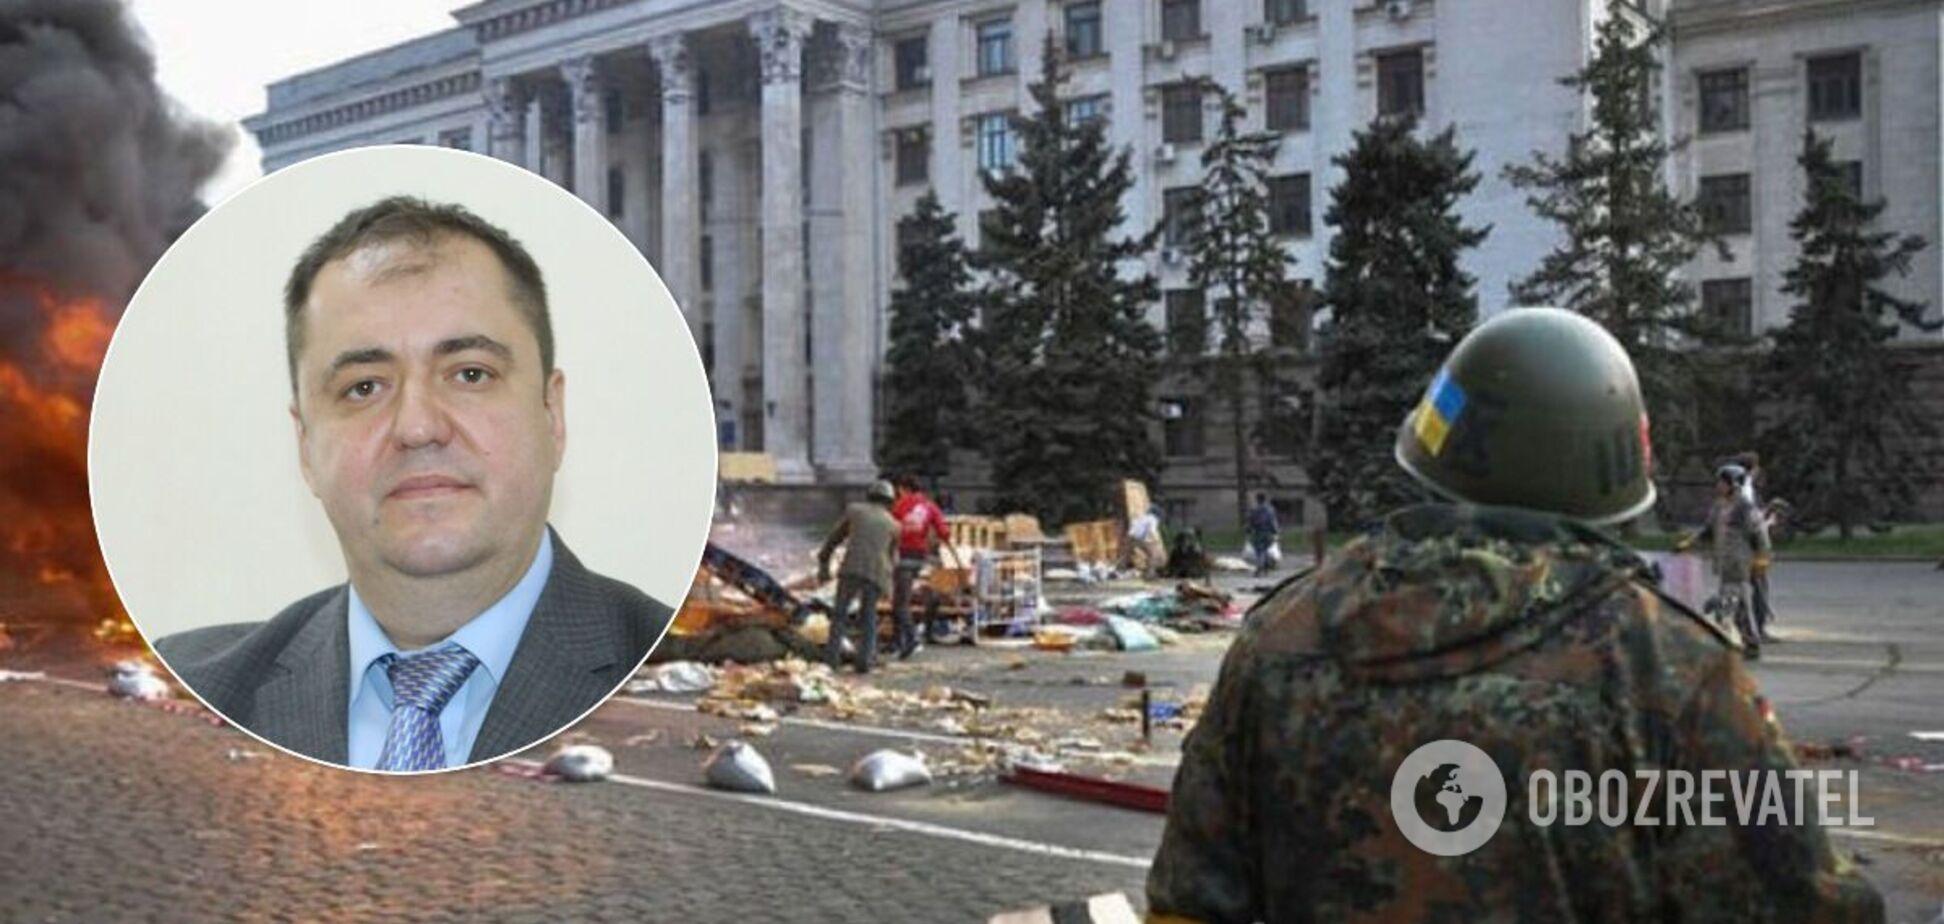 Разыскиваемый по делу о трагедии 2 мая сын экс-мэра Одессы получил высокую должность в Крыму